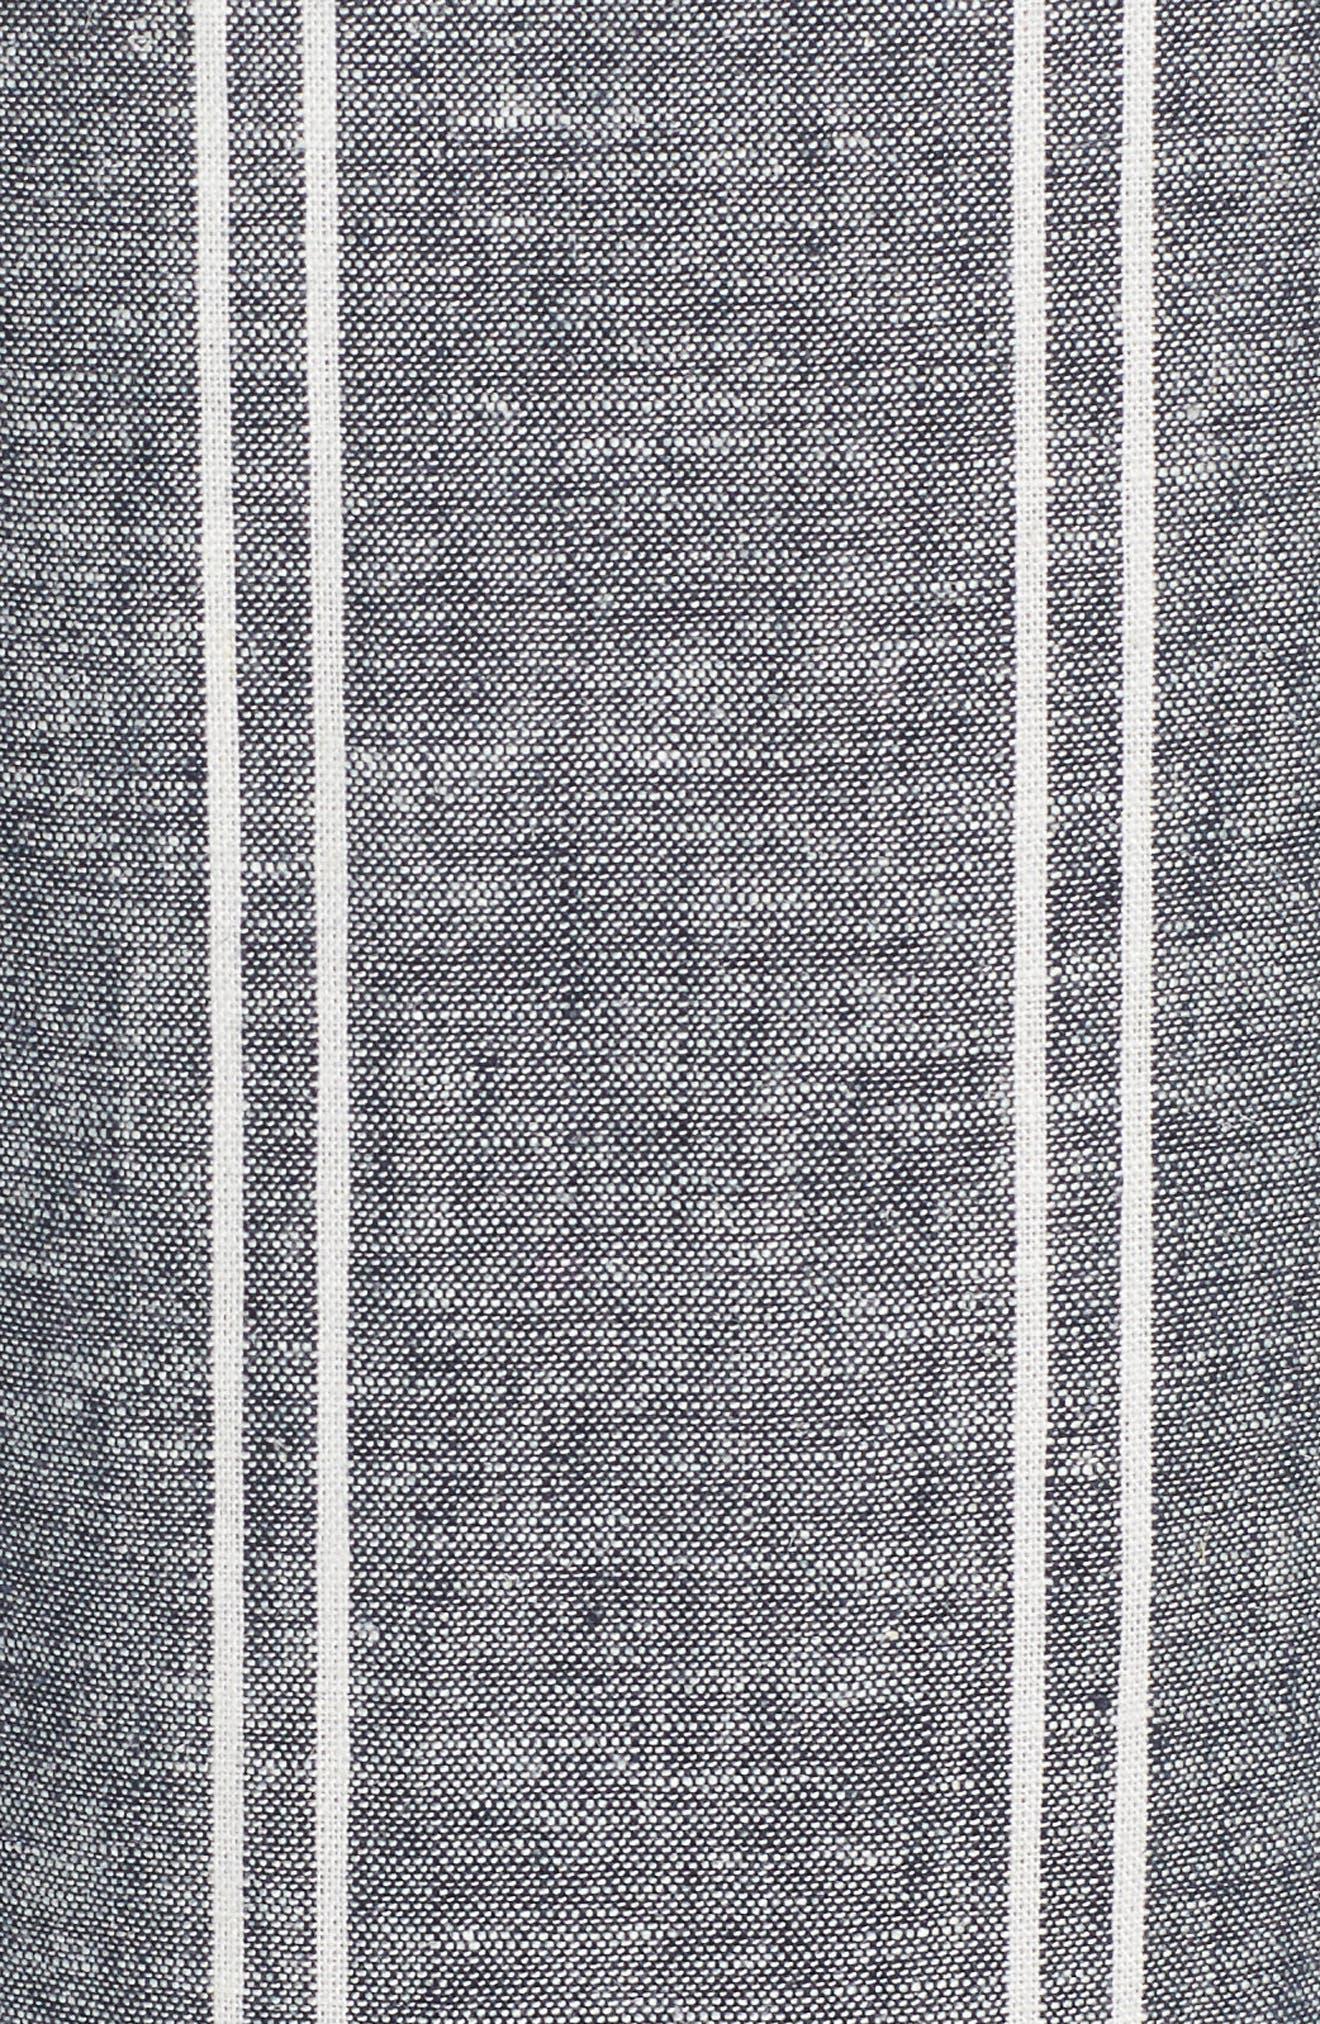 Stripe Linen Blend Culottes,                             Alternate thumbnail 6, color,                             401